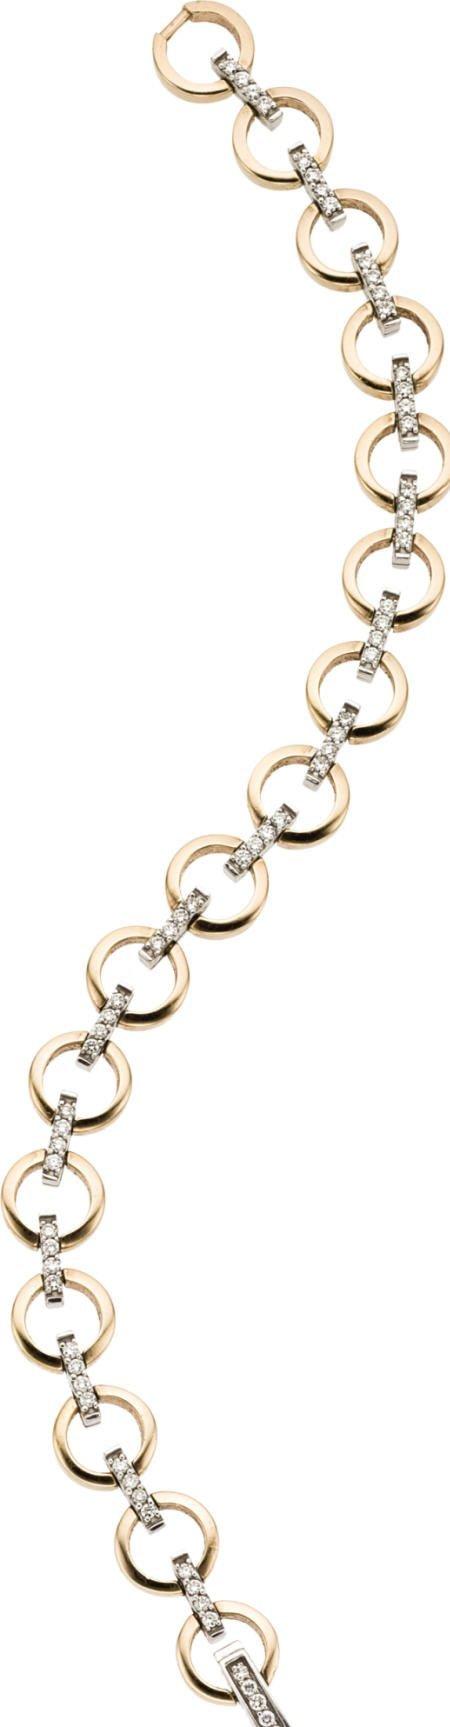 46012: Diamond, Gold Bracelet